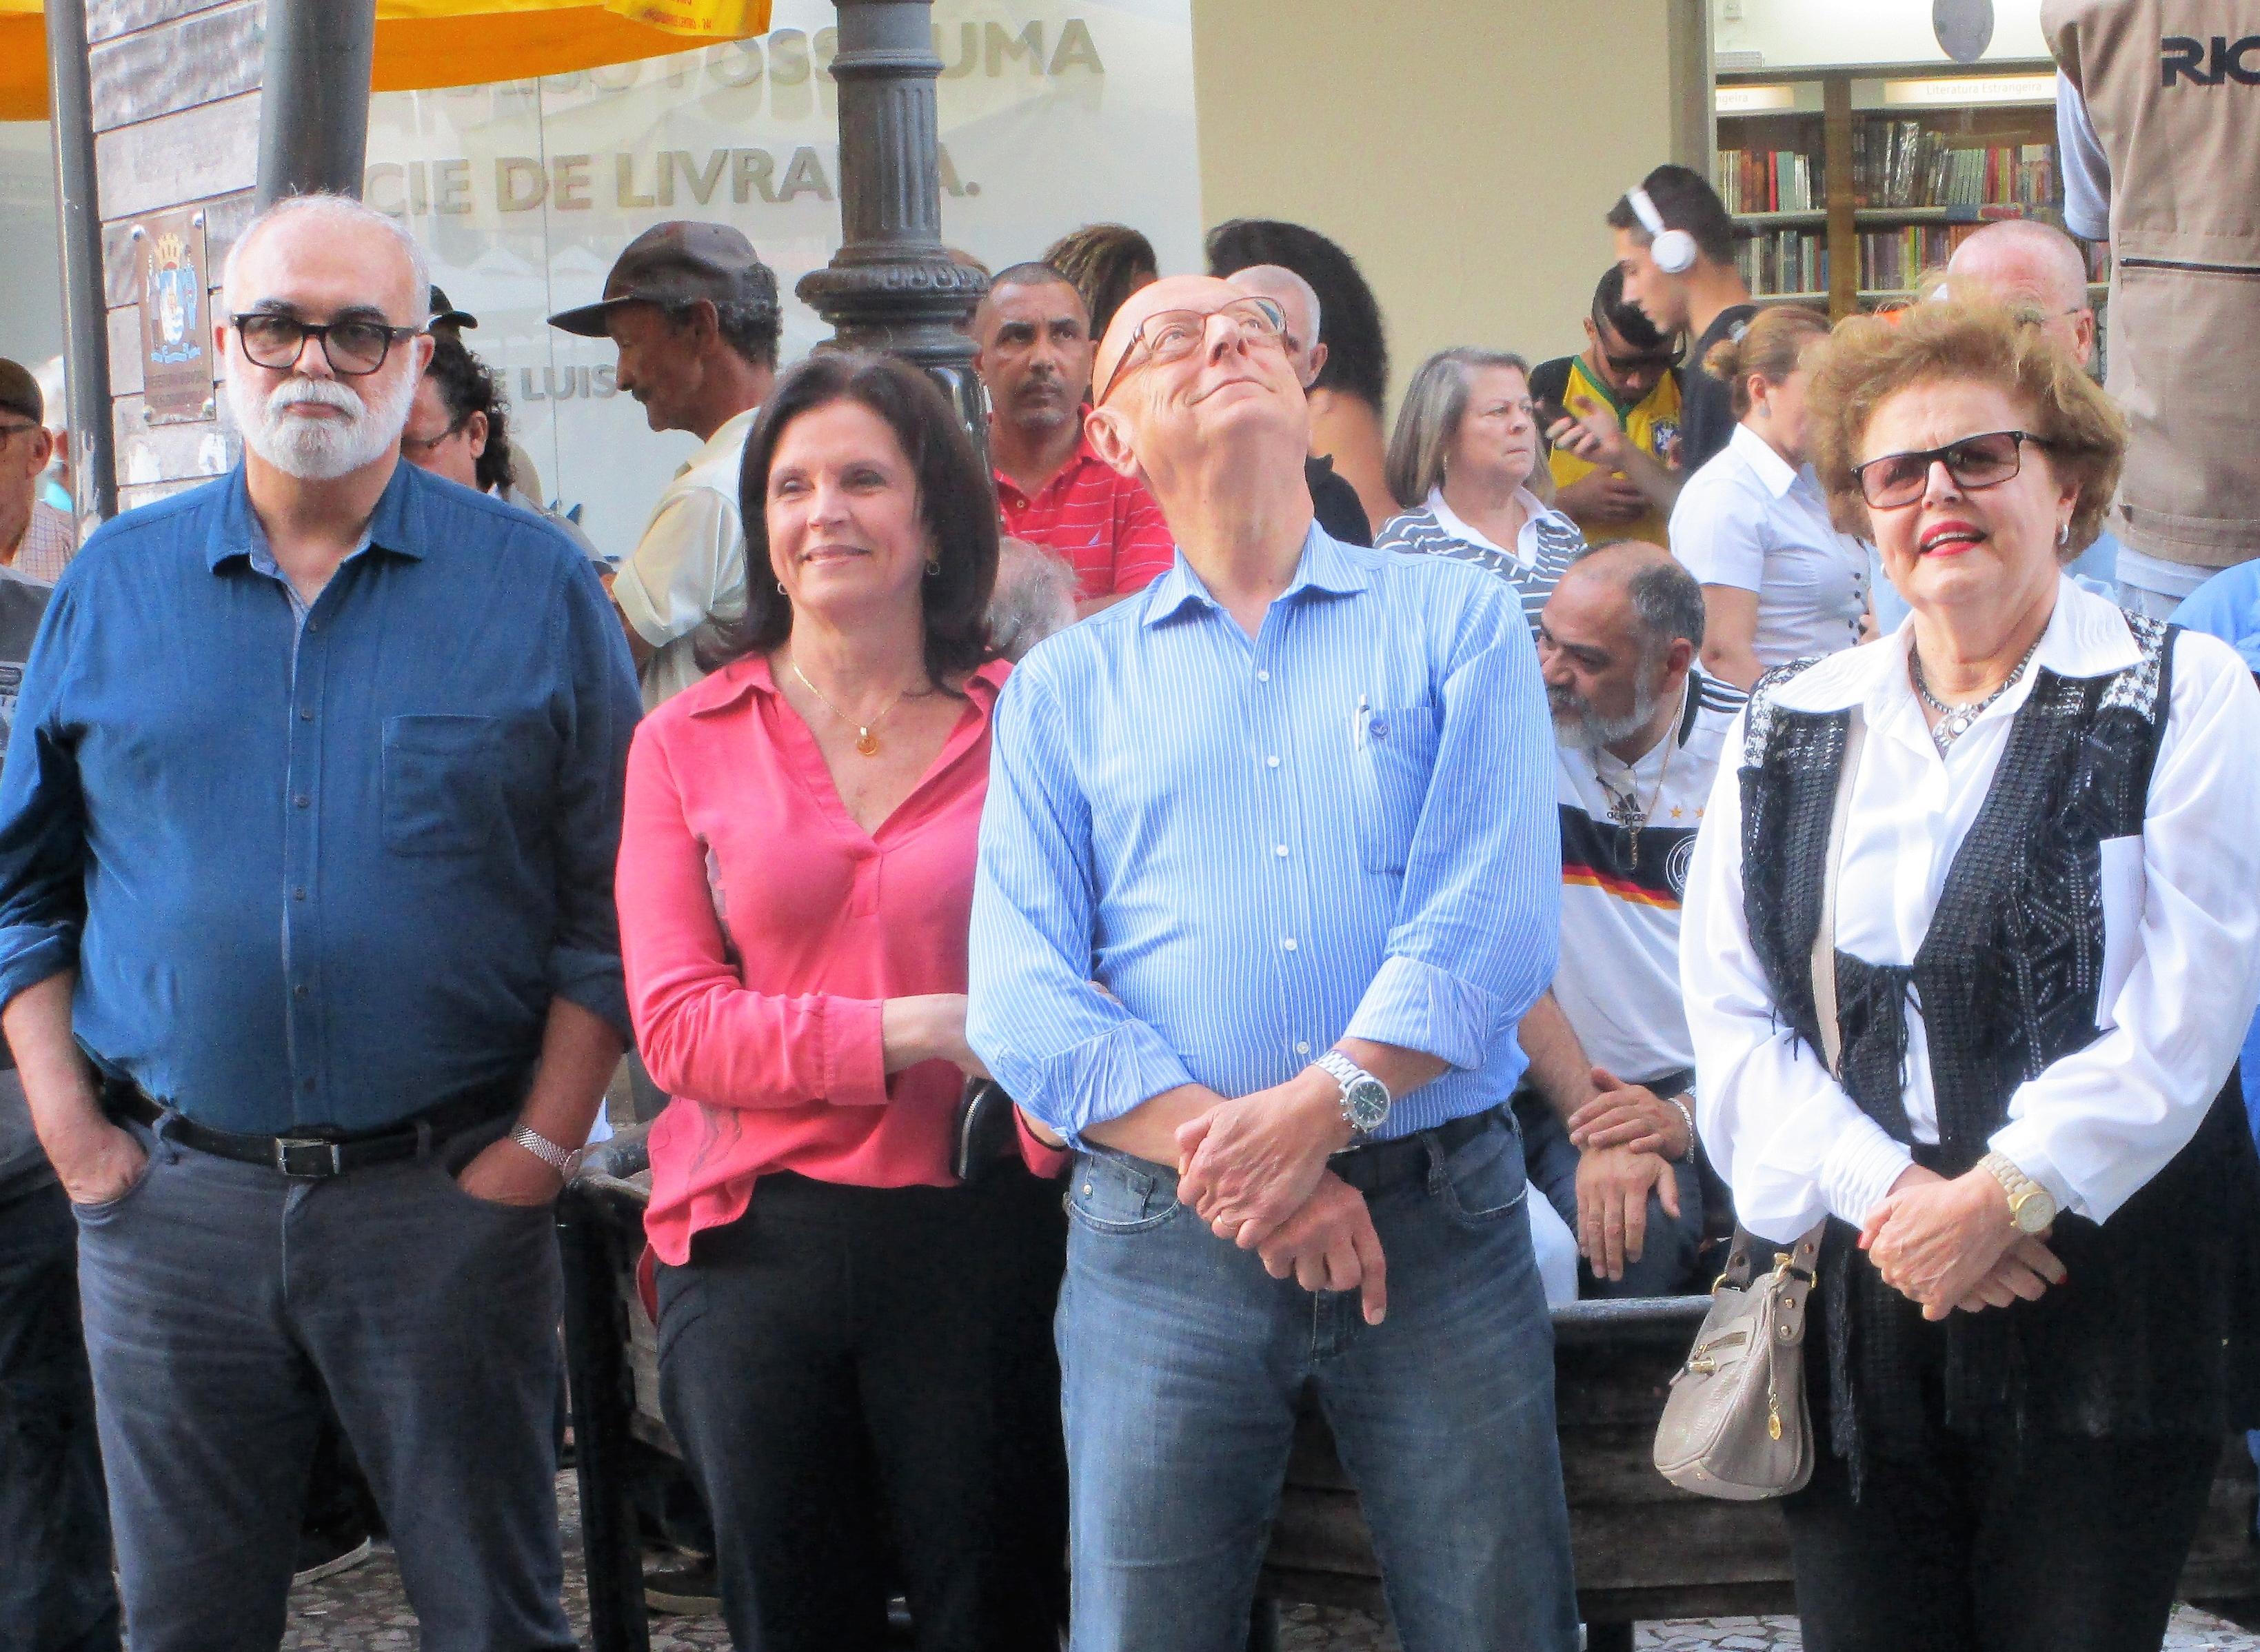 Deputado federal Esperidião Amin e a ex-prefeita Angela Amin prestigiaram a cerimônia. Roberto Costa (esquerda) é outro dos novo senadores - Carlos Damião